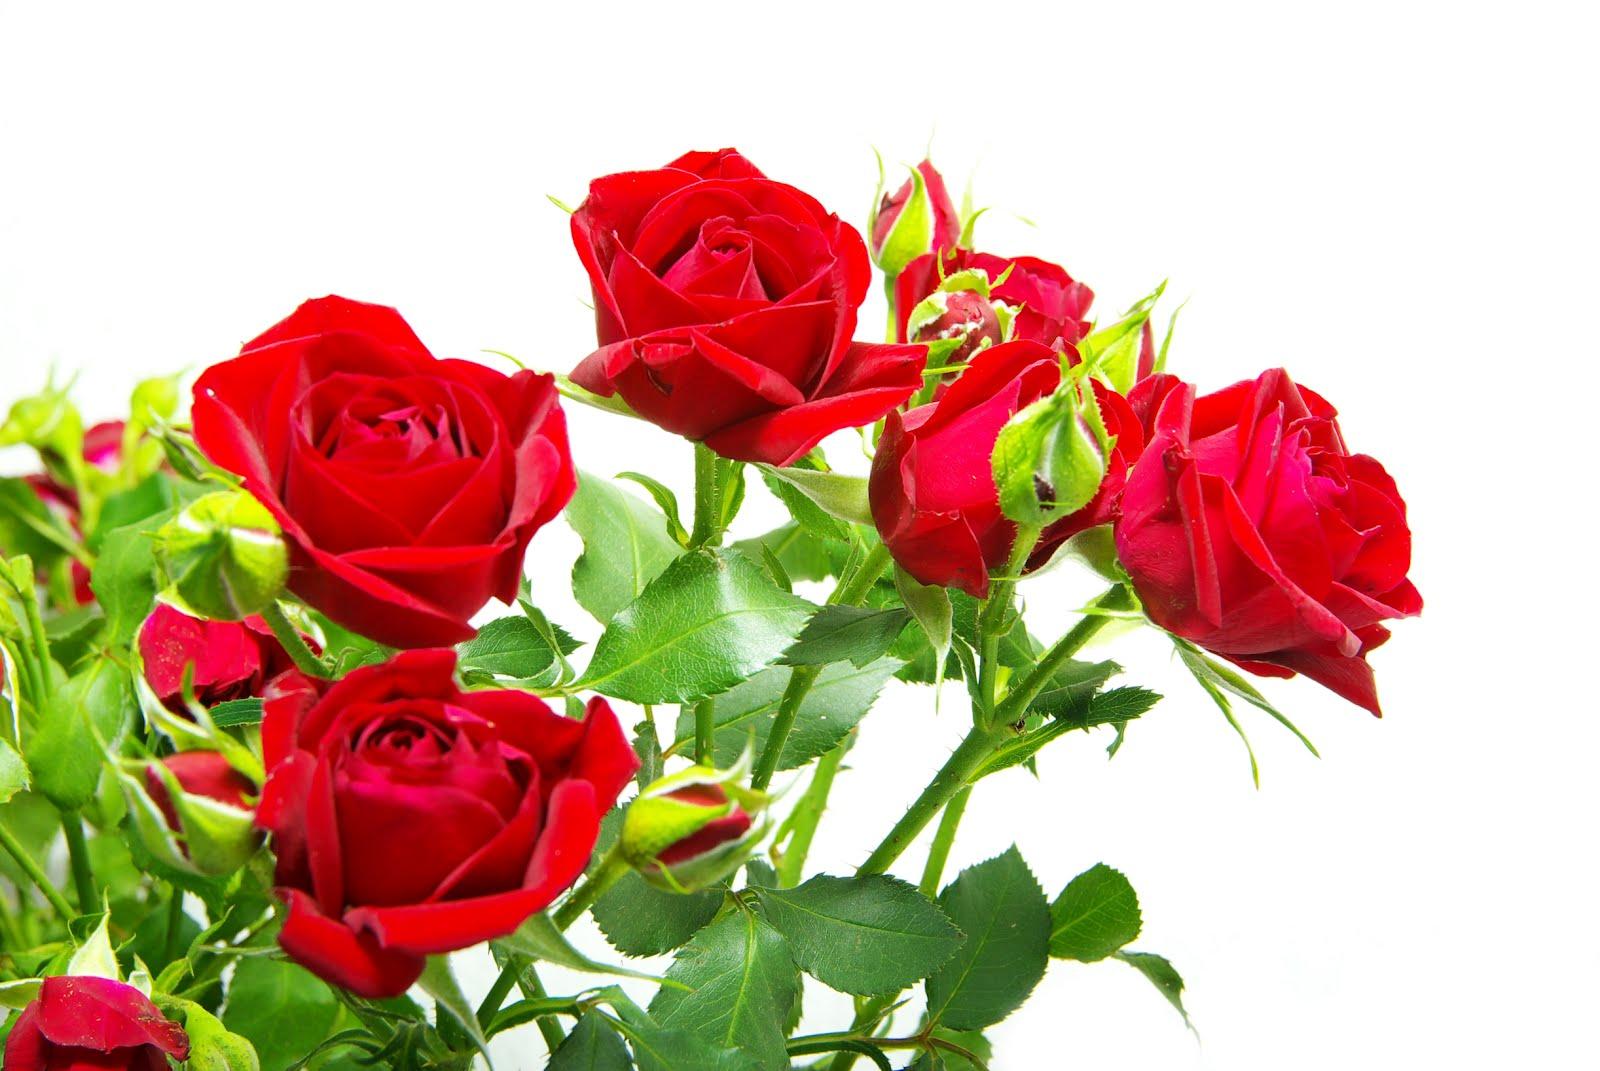 BANCO DE IMÁGENES: Rosas rojas - Flores para regalar - Escribe tu ...